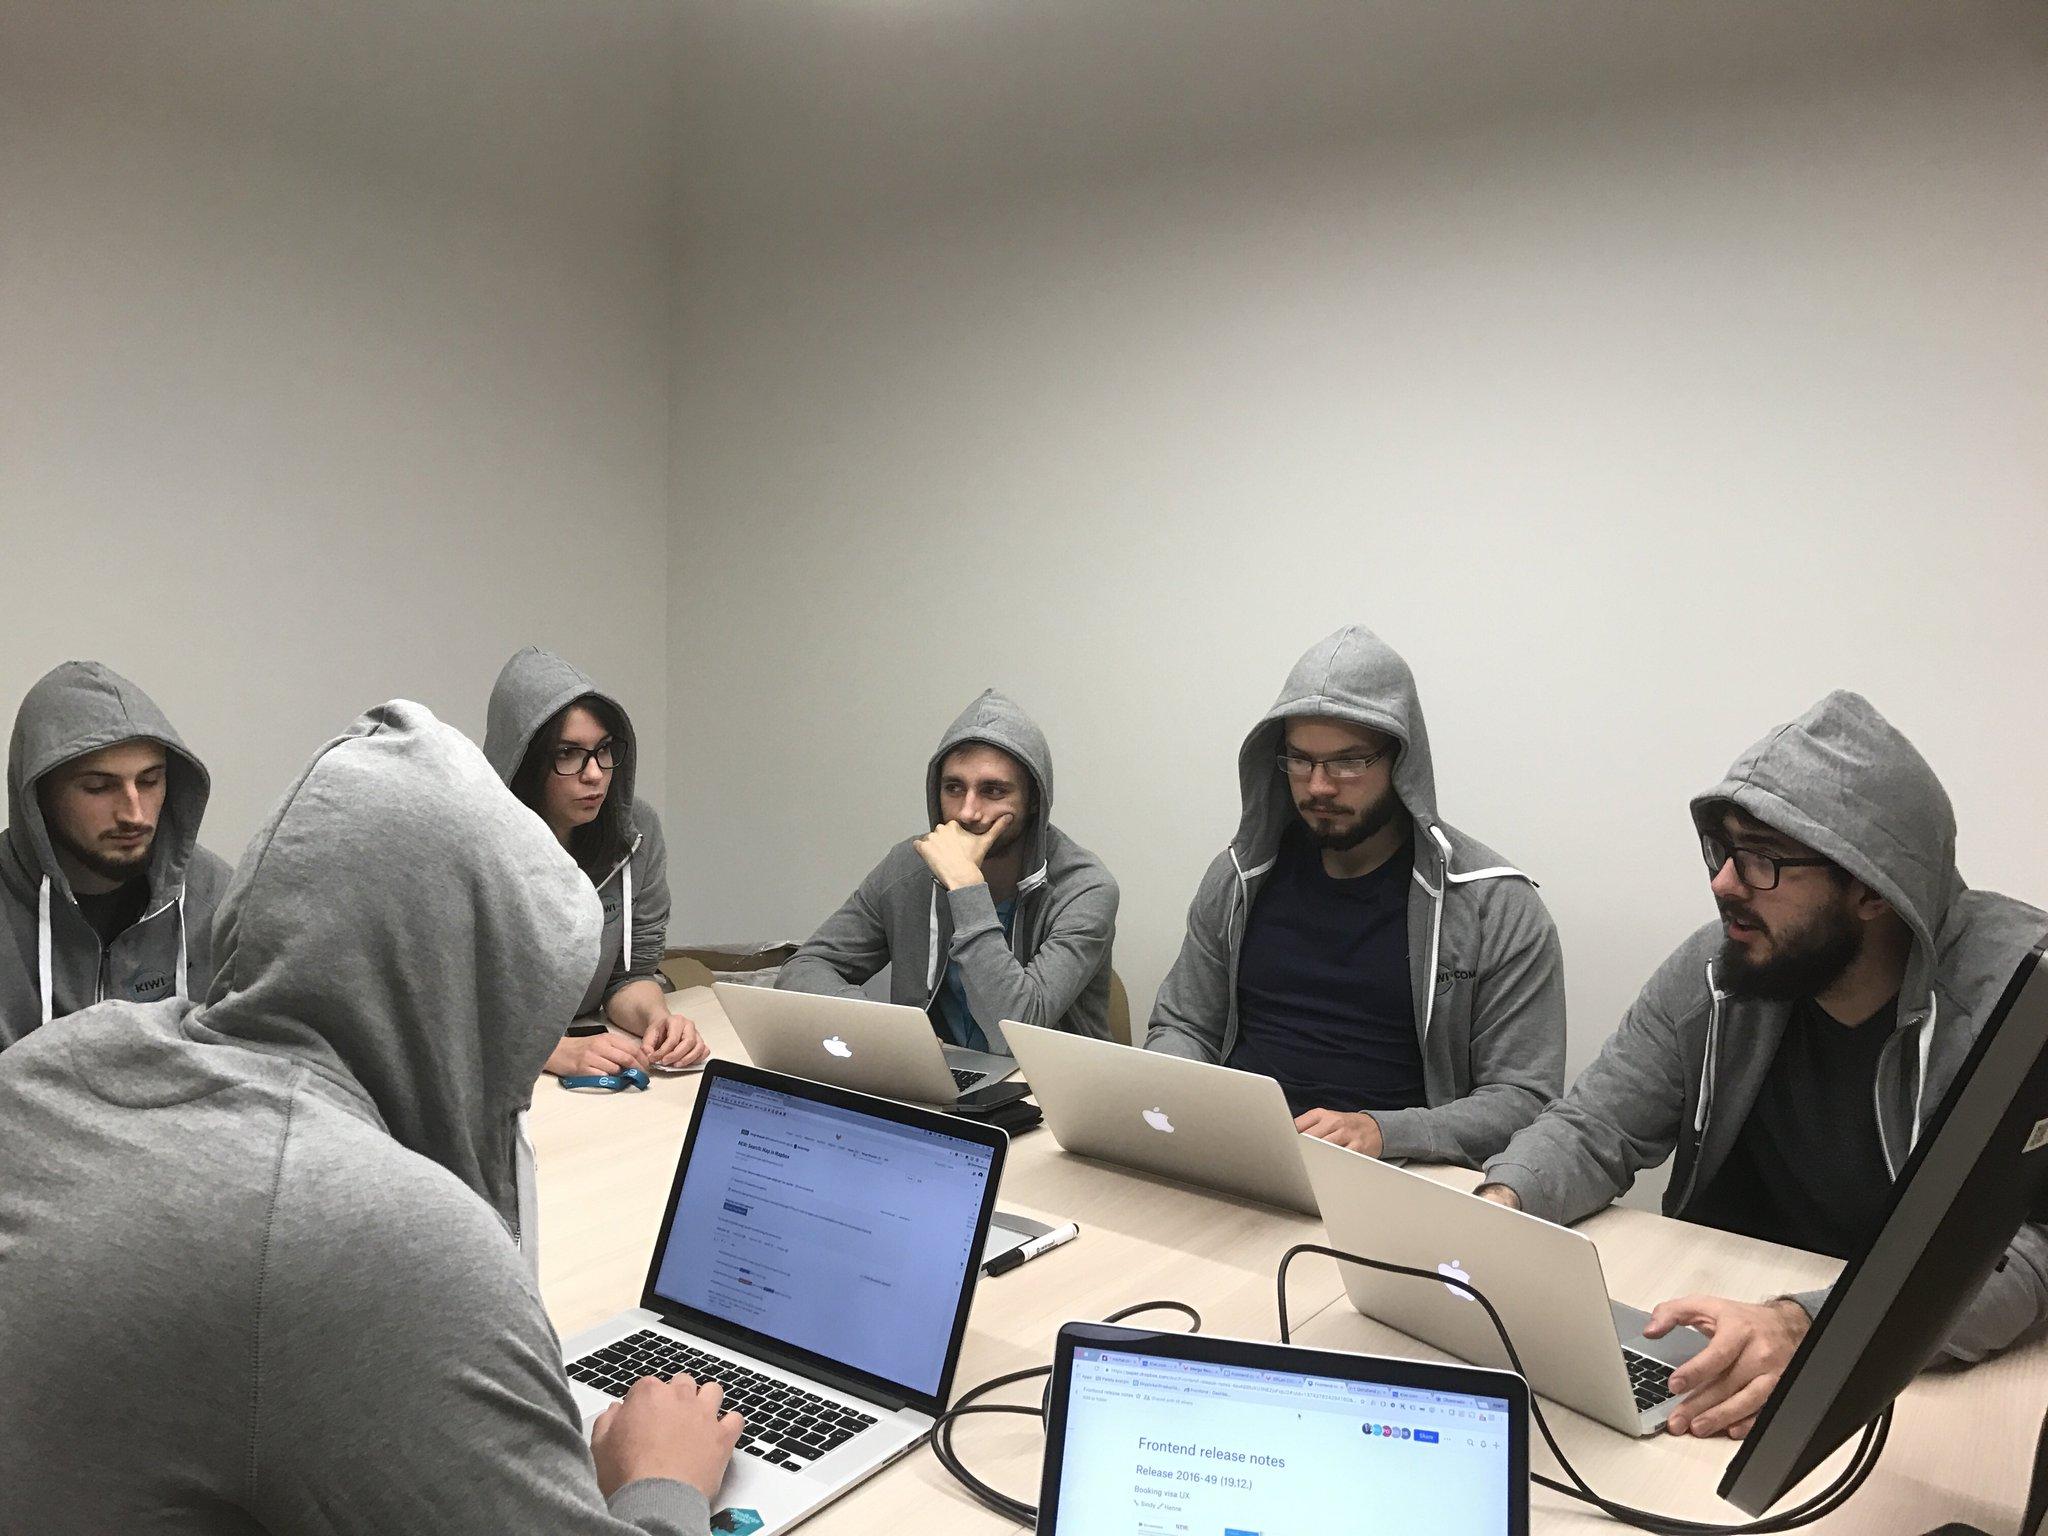 Tým vývojářů v brněnském Kiwi.com